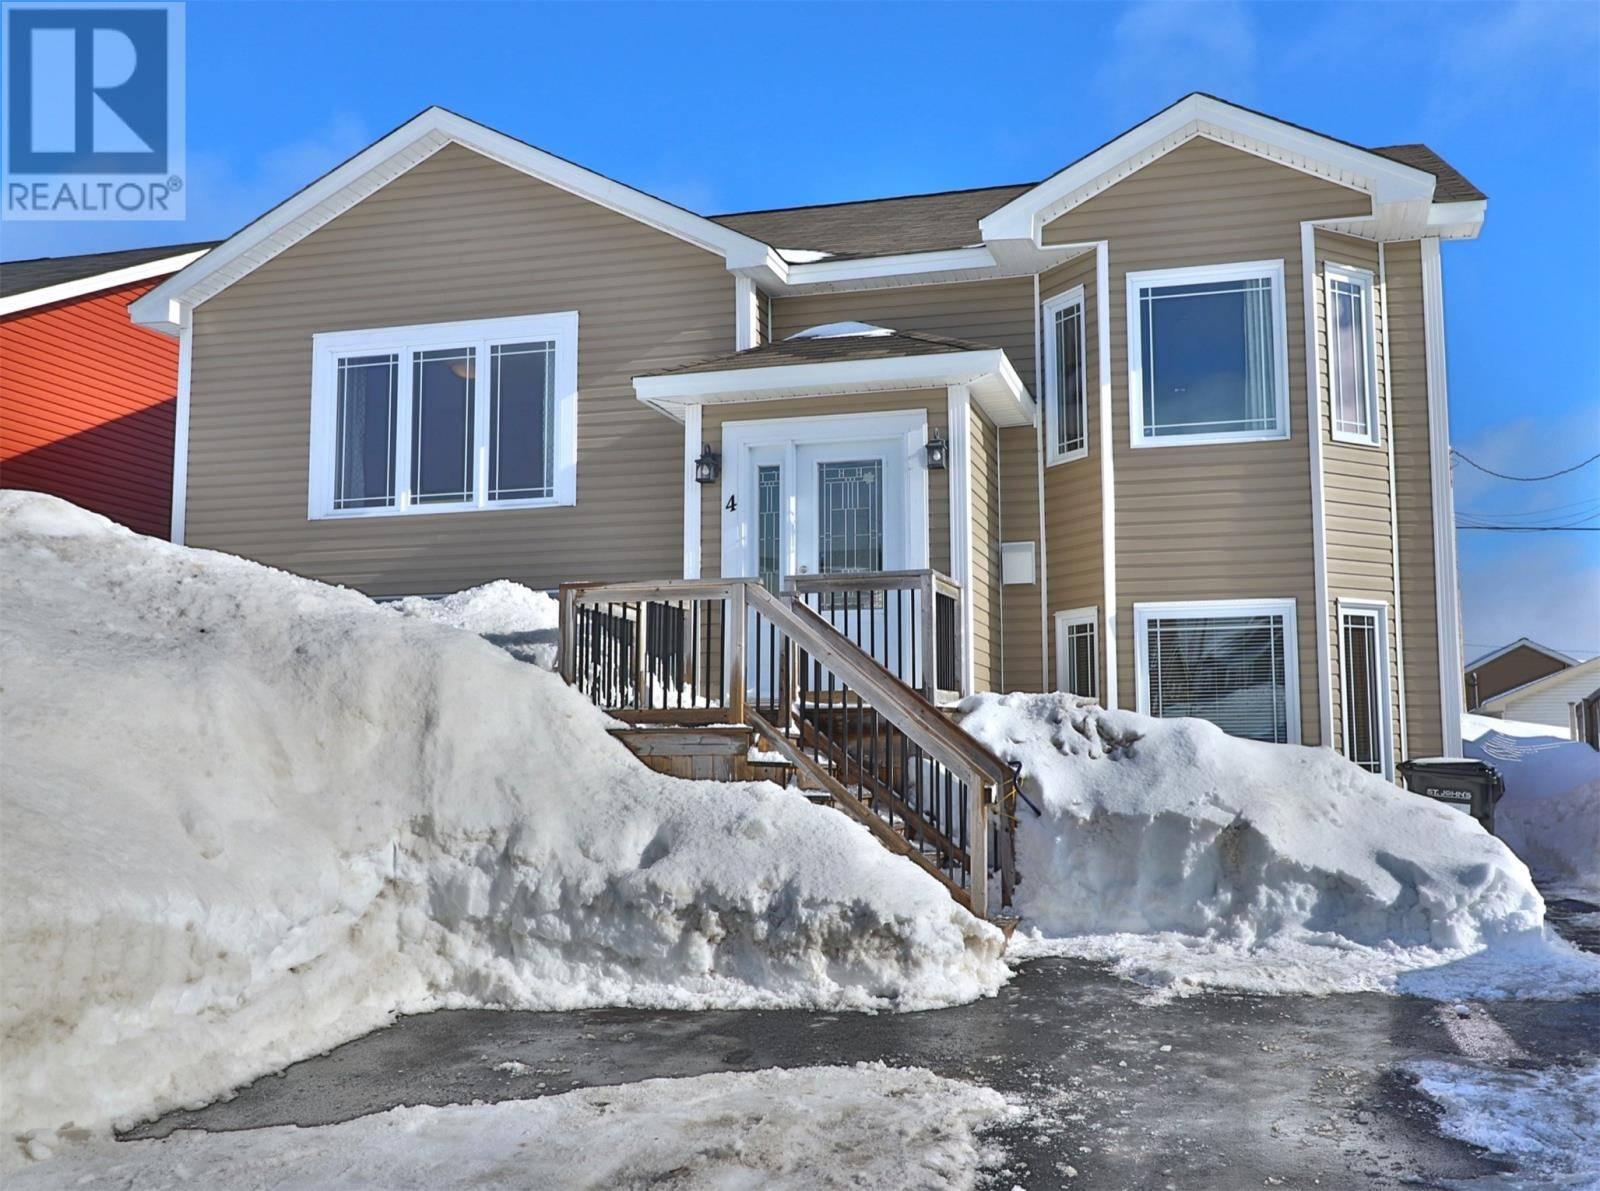 House for sale at 4 Duke St St. John's Newfoundland - MLS: 1211380